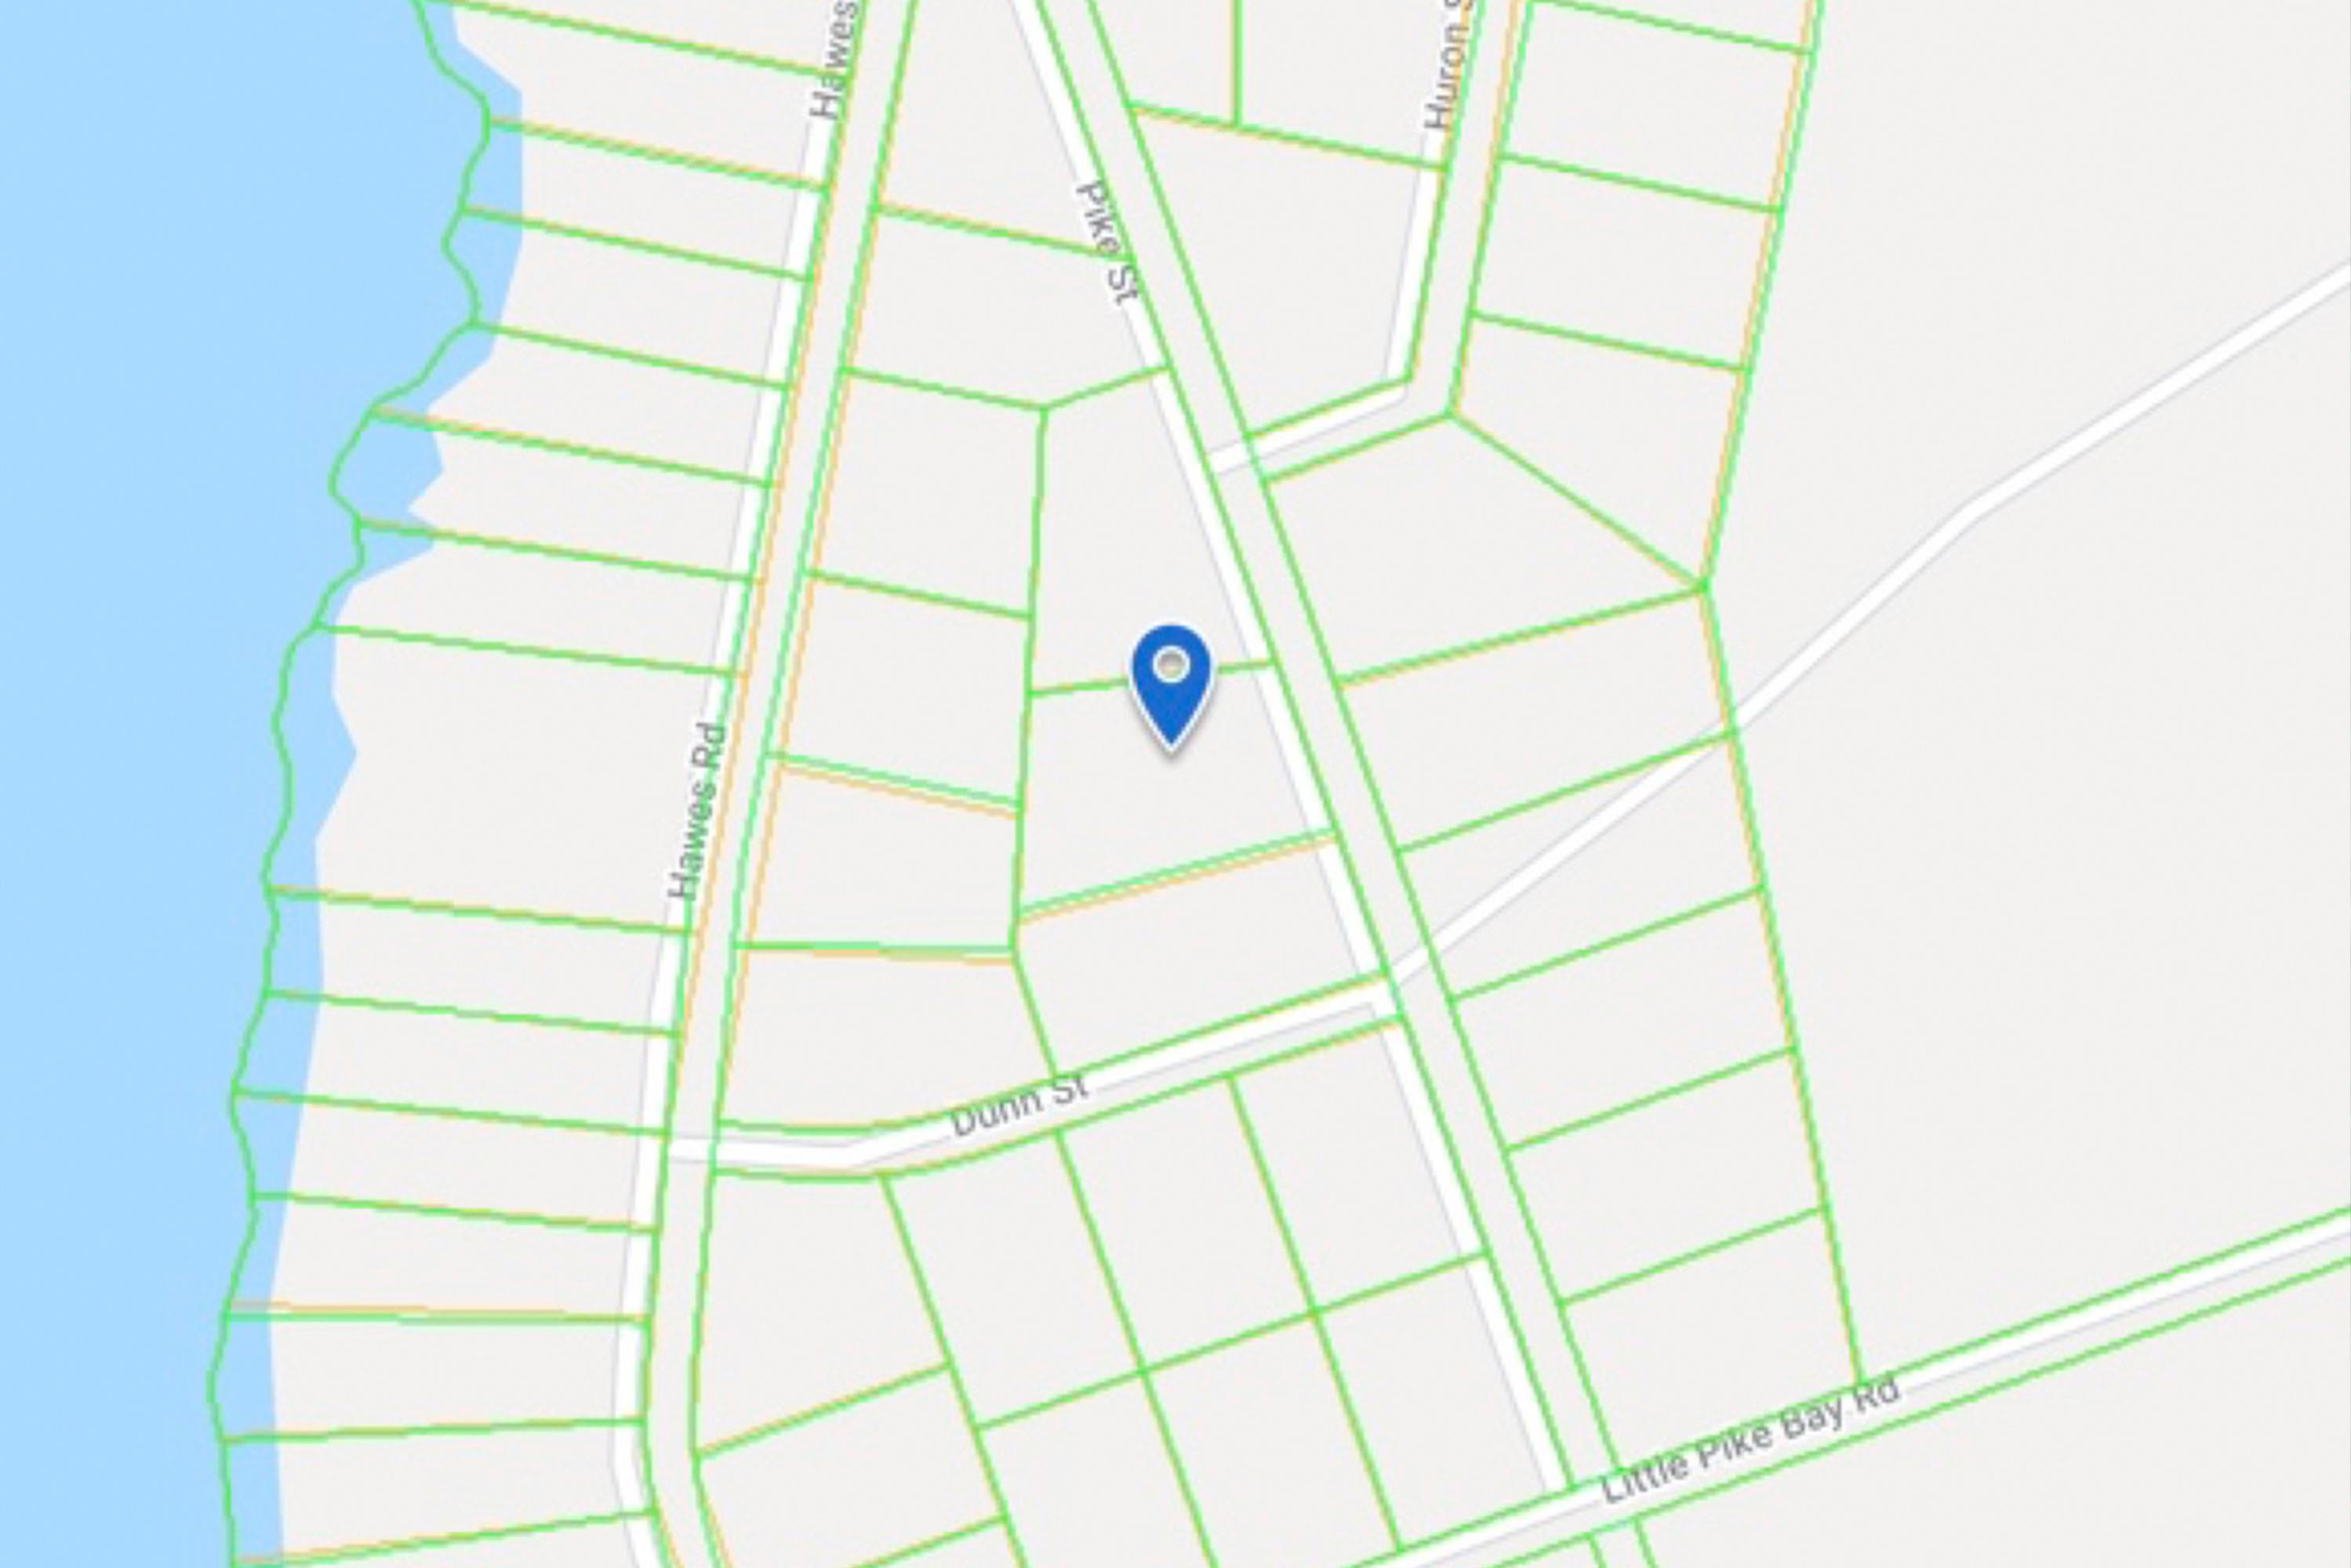 00 Lot 60 - Pike St, Northern Bruce Peninsula